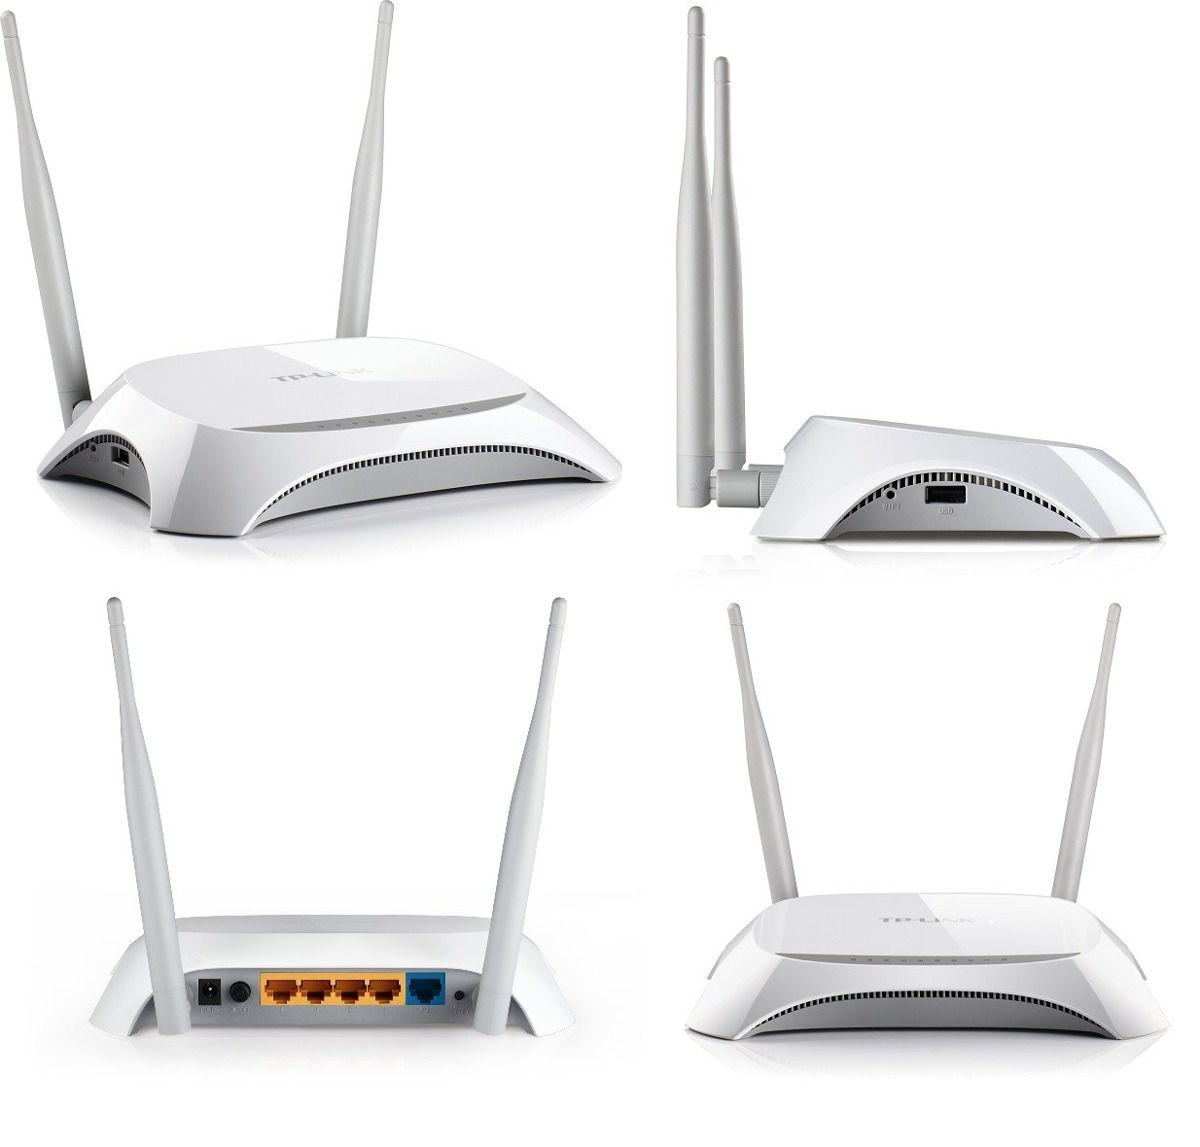 Roteador TP-Link Wireless Wan 300M WAN 3G/4G TL-MR3420